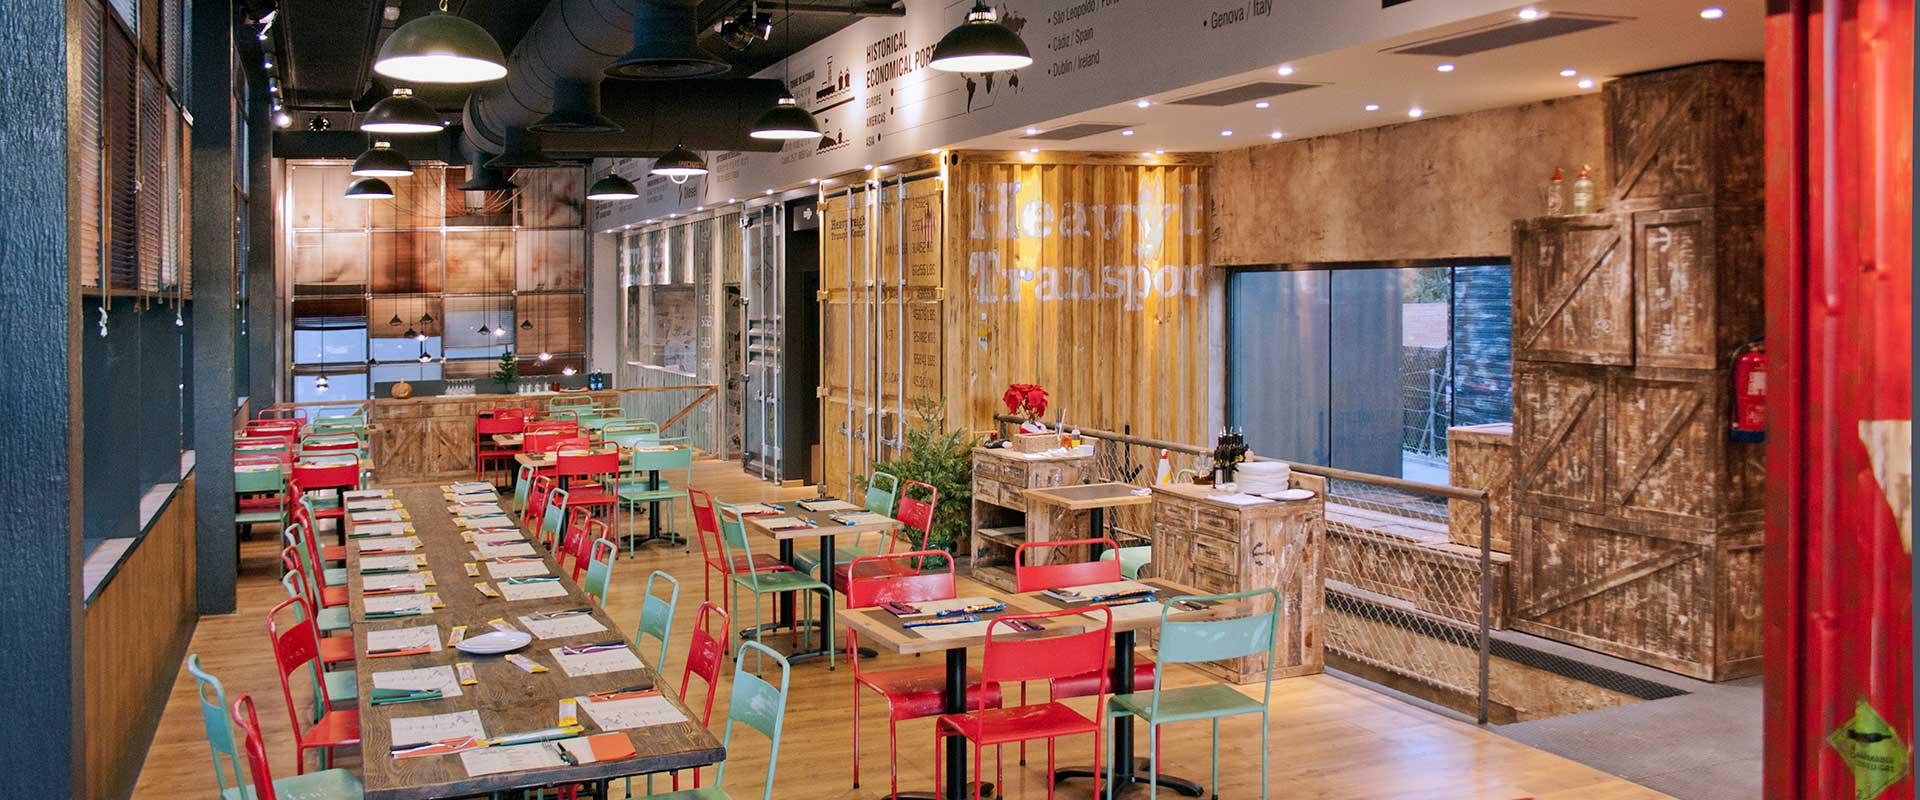 Da2 arquitectura interiorismo y arquitectura - Restaurantes de diseno ...